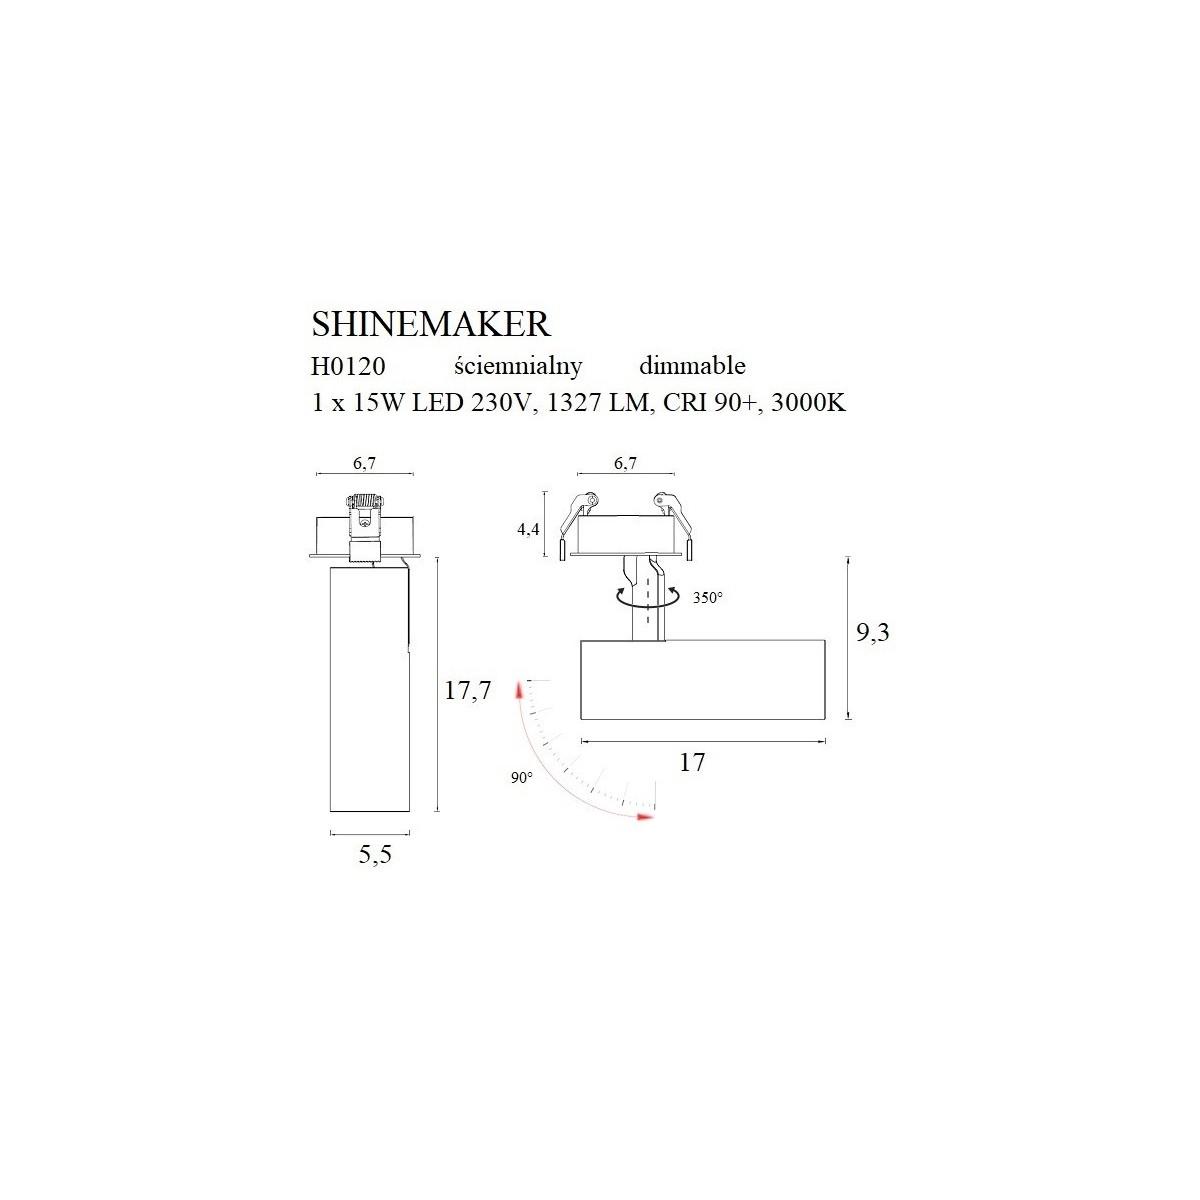 MAXlight Shinemaker Reflektor Sufitowy Wpuszczany 15W LED 1327lm 3000K Czarny Ściemnialny H0120